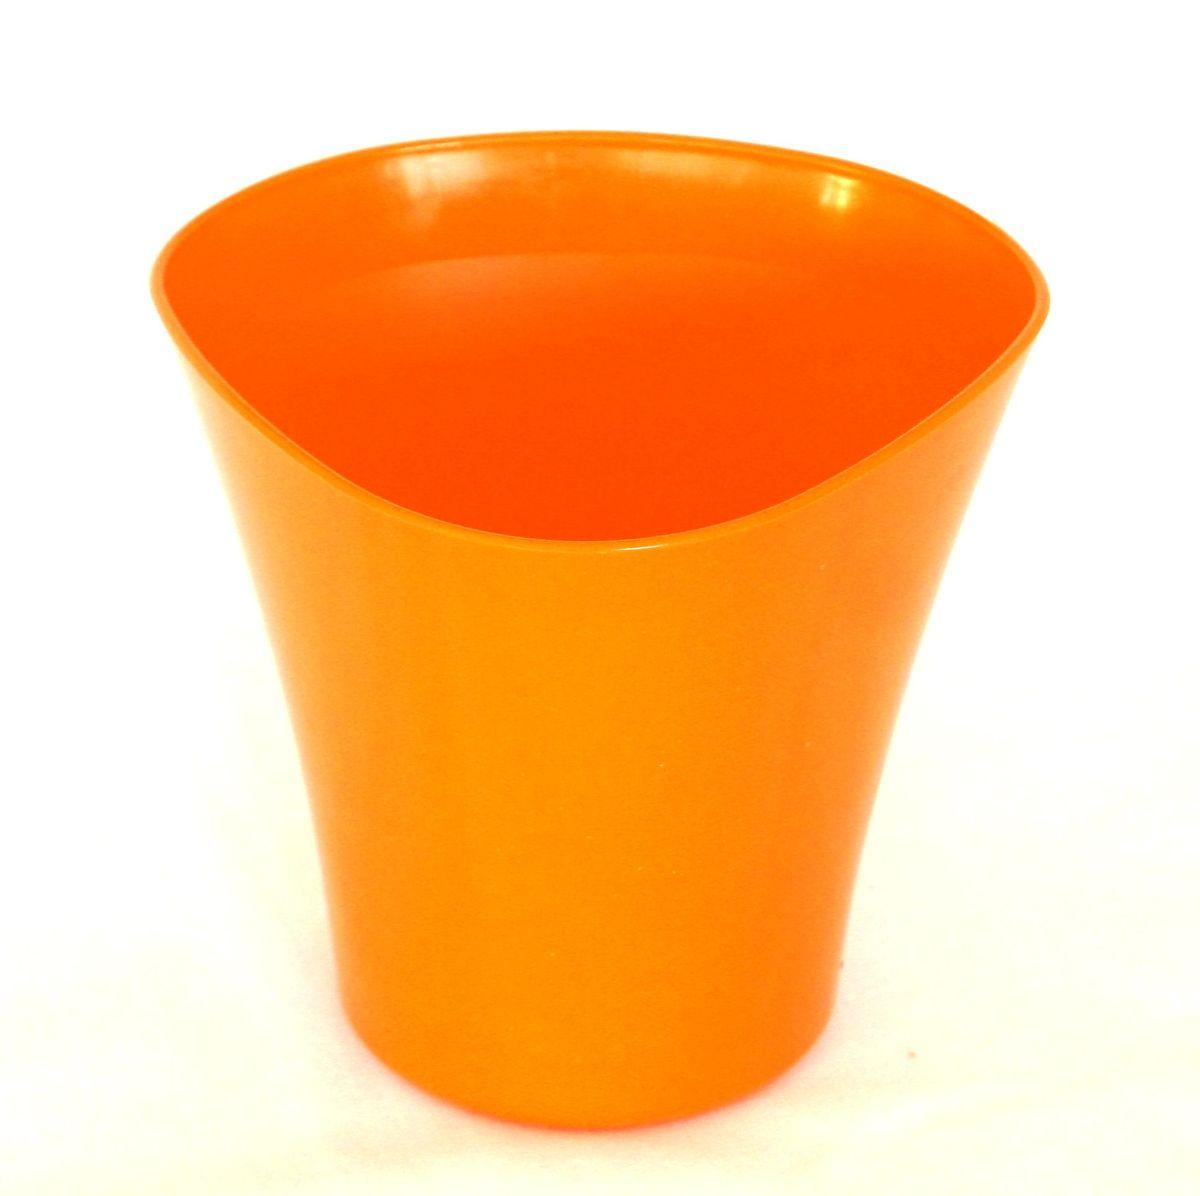 Кашпо JetPlast Волна, цвет: оранжевый, 1,5 л4612754051281Кашпо Волна имеет уникальную форму, сочетающуюся как с классическим, так и с современным дизайном интерьера. Оно изготовлено из прочного полипропилена (пластика) и предназначено для выращивания растений, цветов и трав в домашних условиях. Такое кашпо порадует вас функциональностью, а благодаря лаконичному дизайну впишется в любой интерьер помещения. Объем кашпо: 1,5 л.